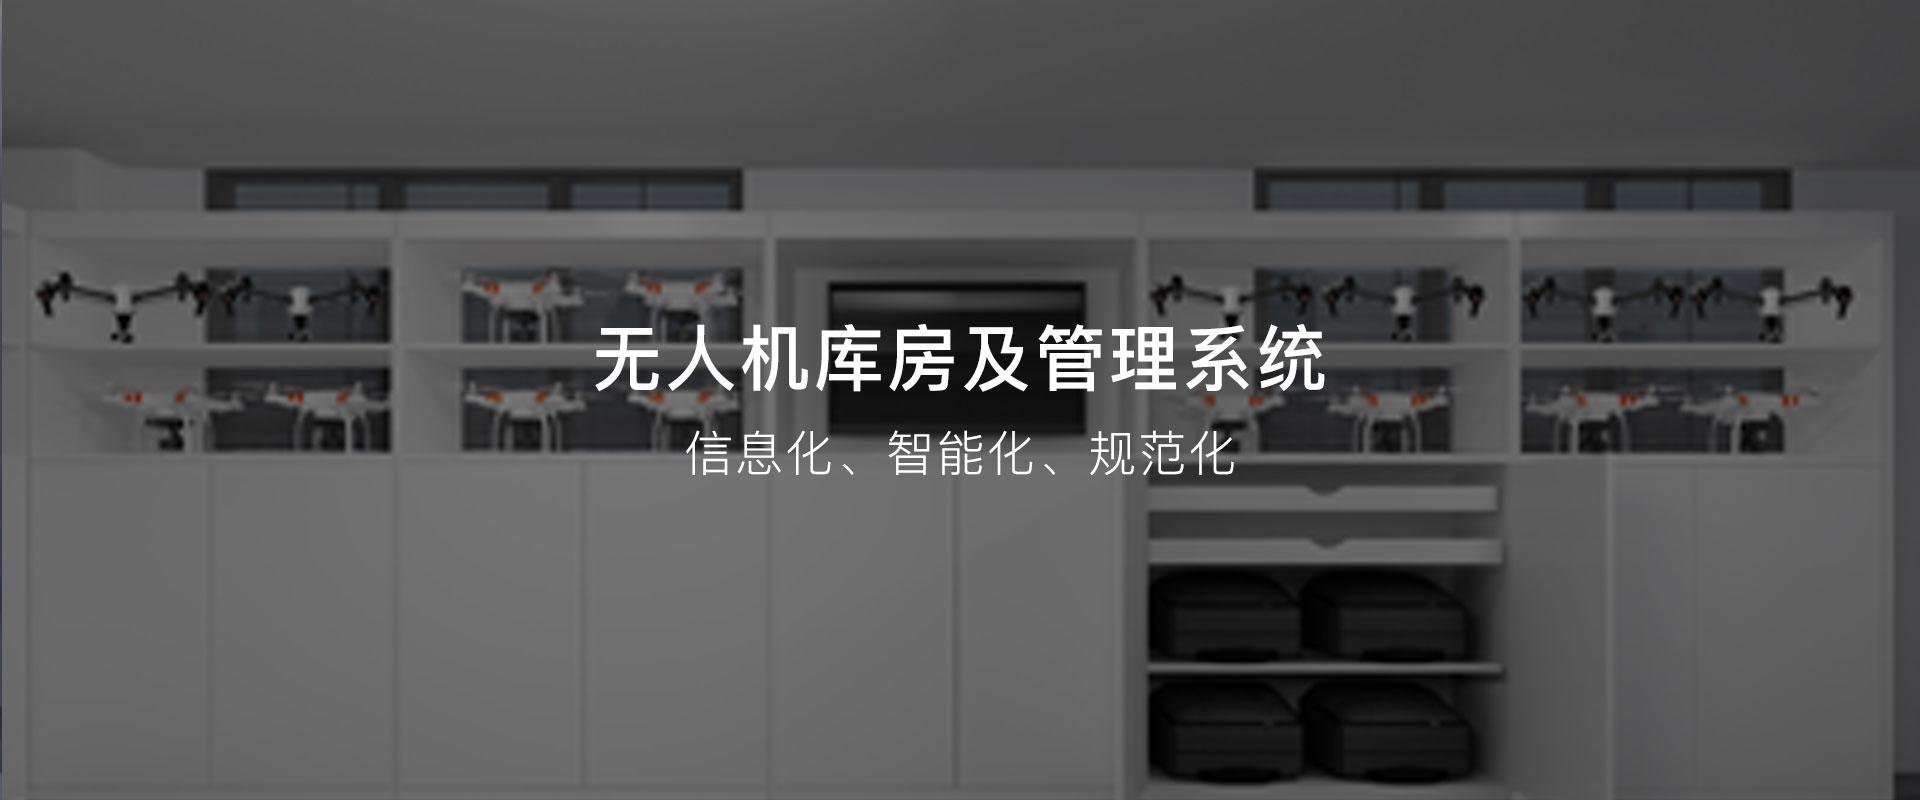 无人机库房管理系统图片